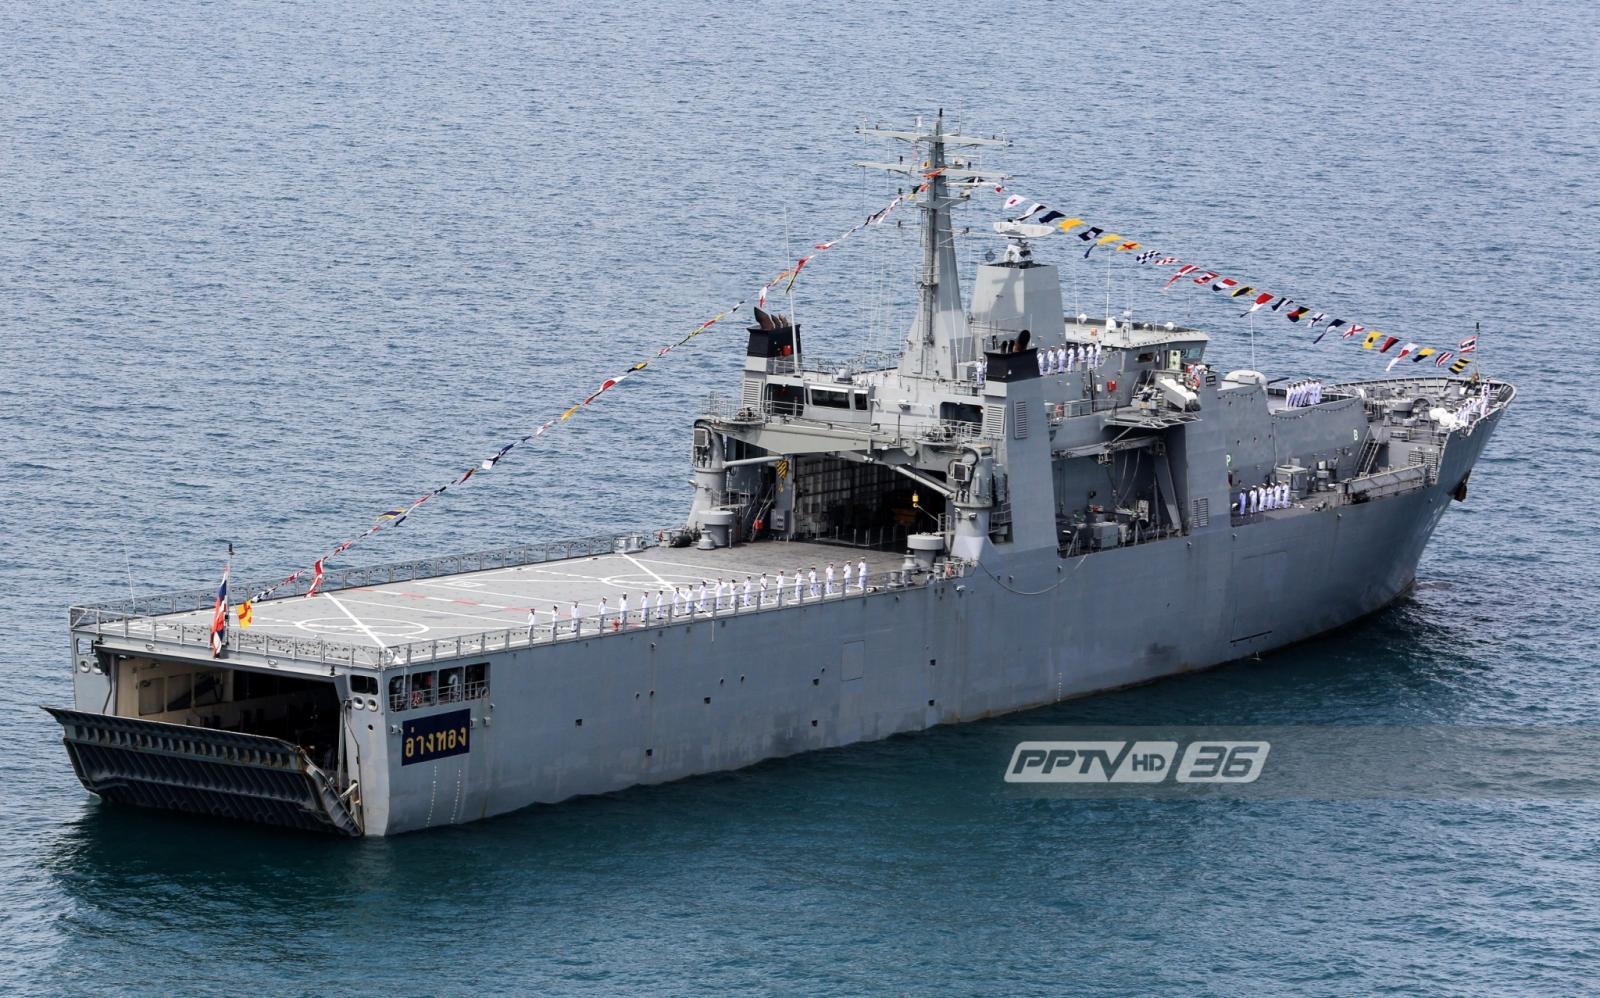 กองทัพเรือซ้อมสวนสนามทางเรือนานาชาติ